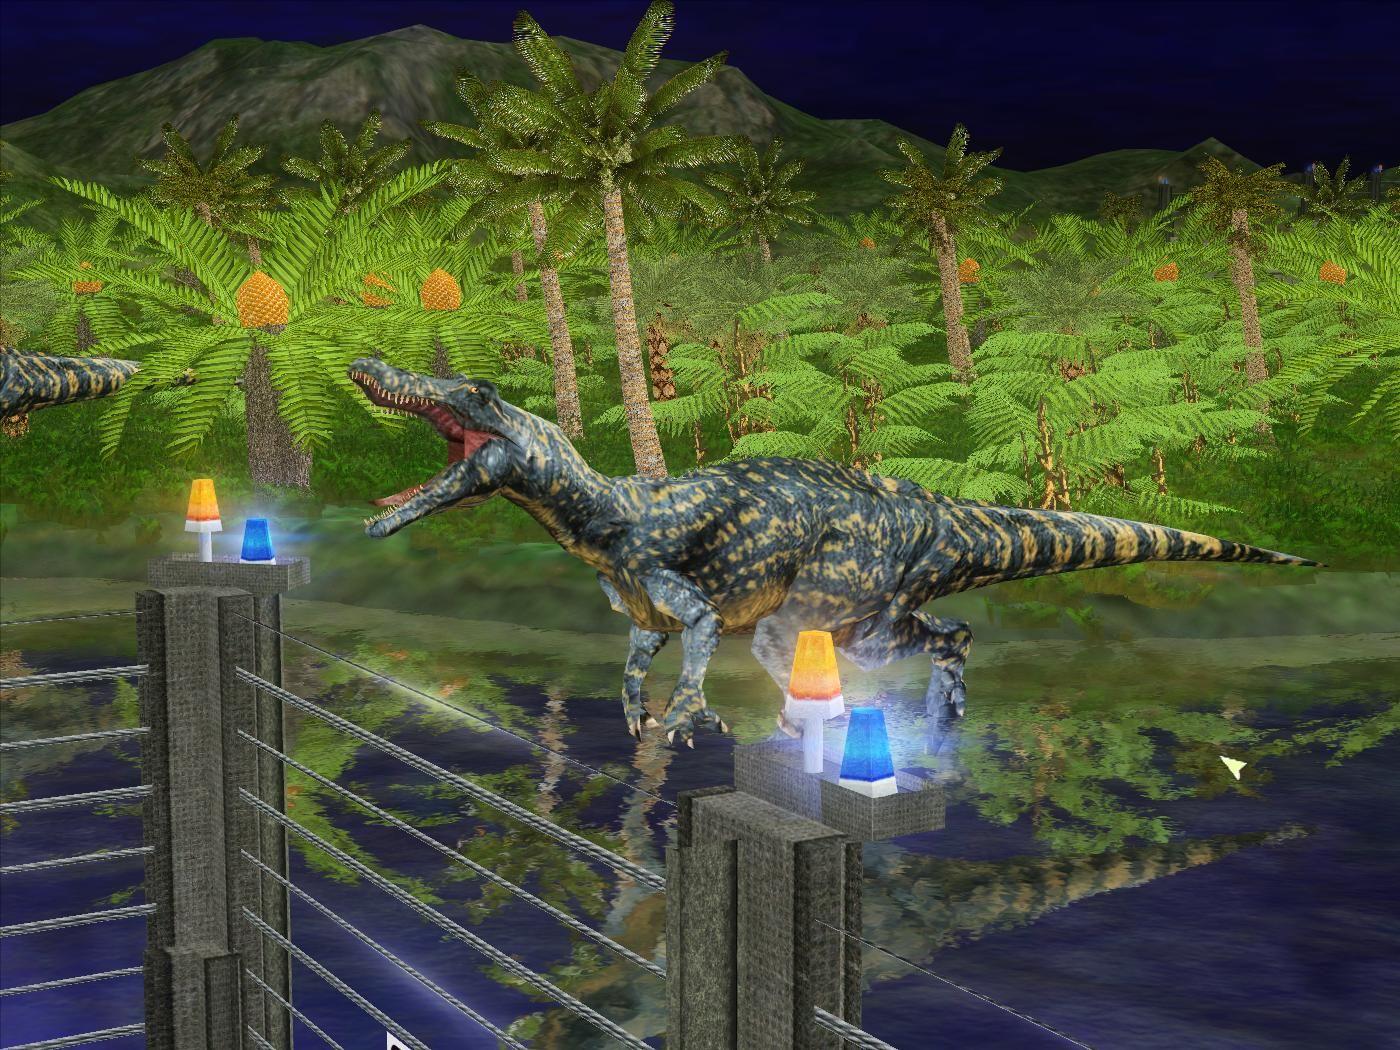 Suchomimus Tenerensis. in 2020 Jurassic park, Jurassic